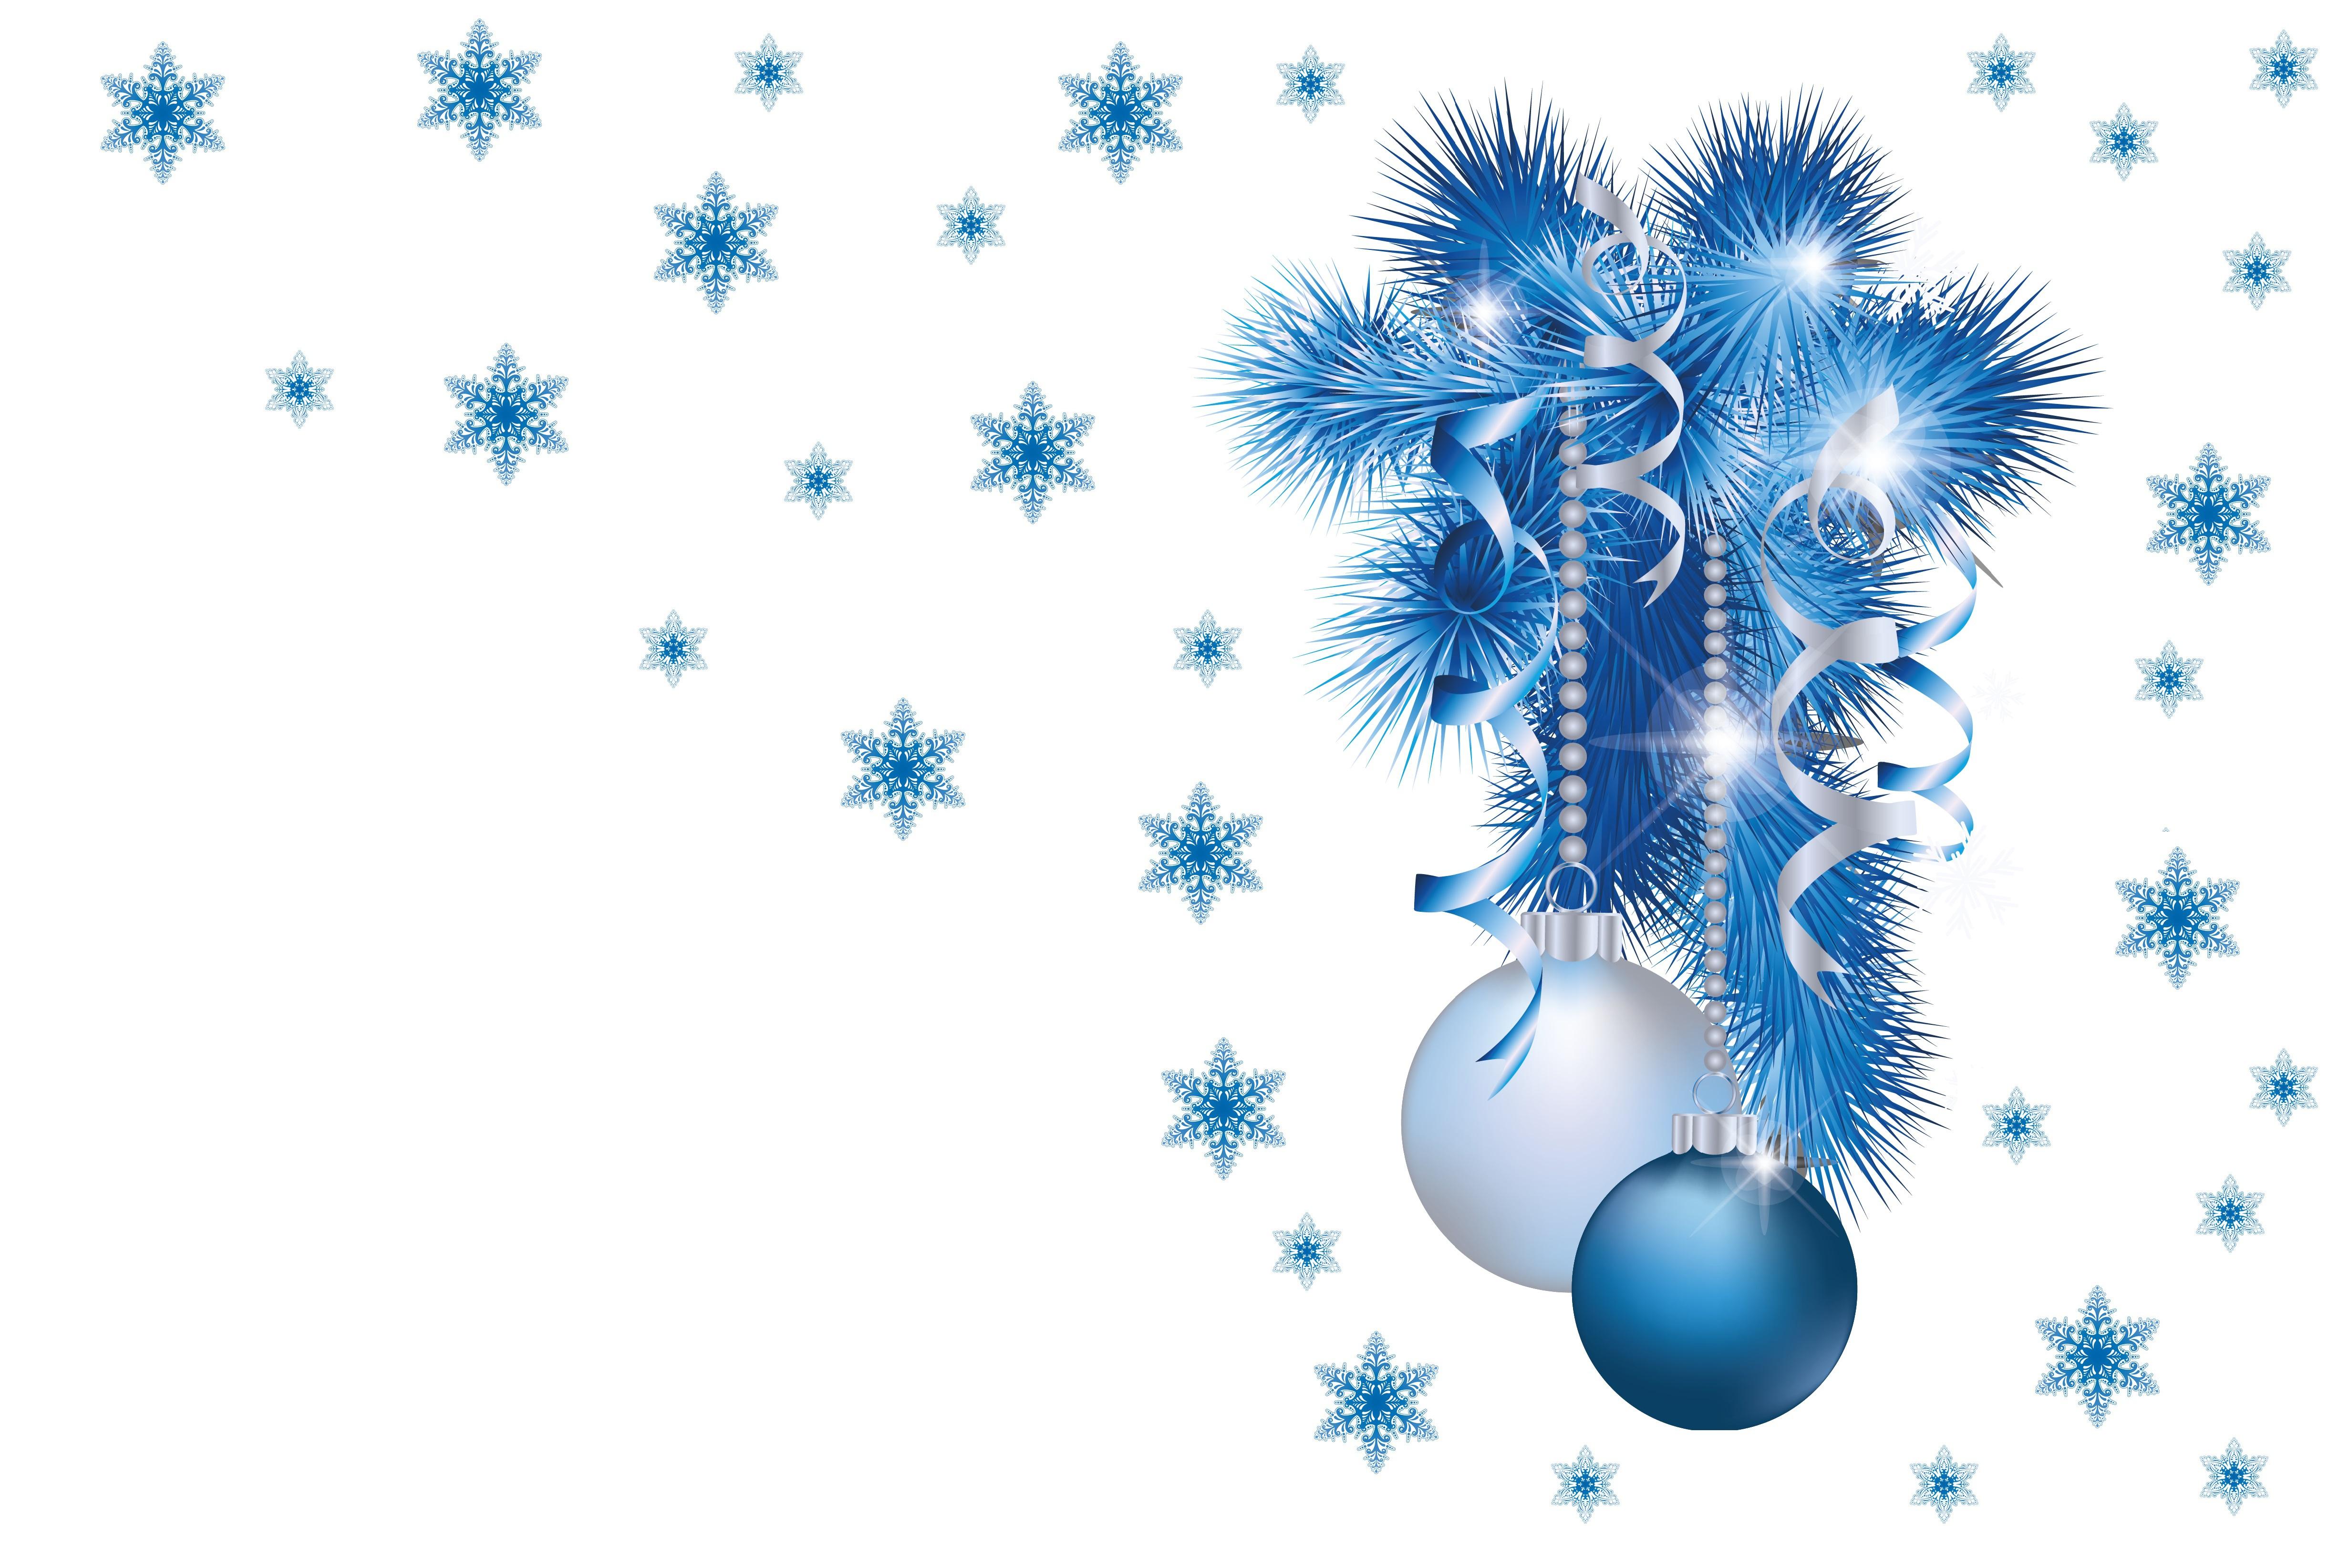 Векторные клипарты для новогодней открытки